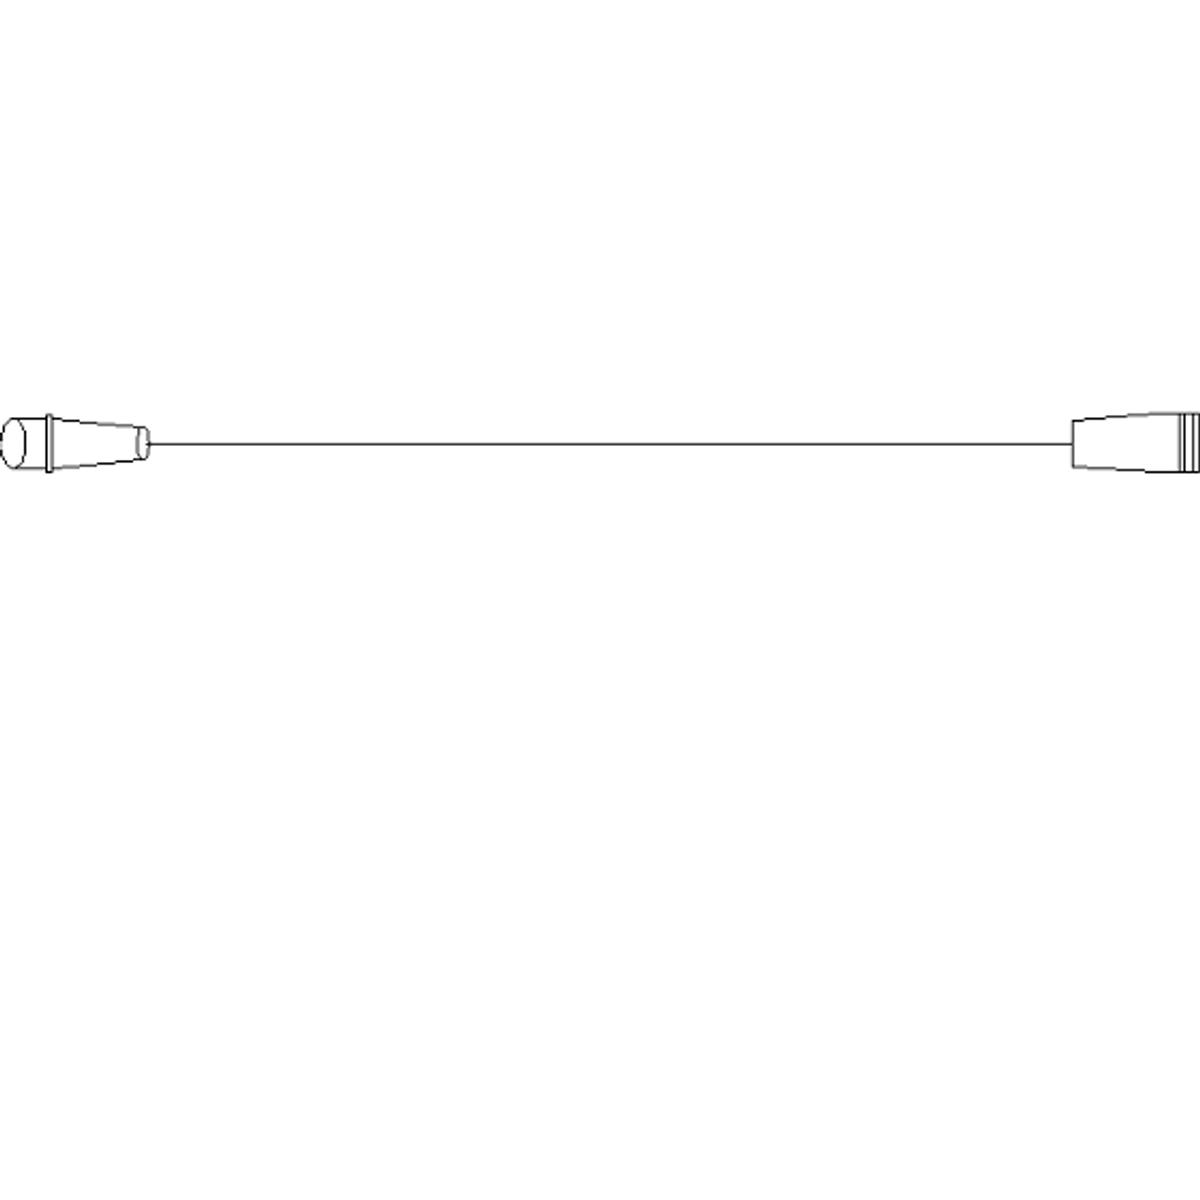 Koblingsledning 3 meter - forlenger mellom LED-figurer